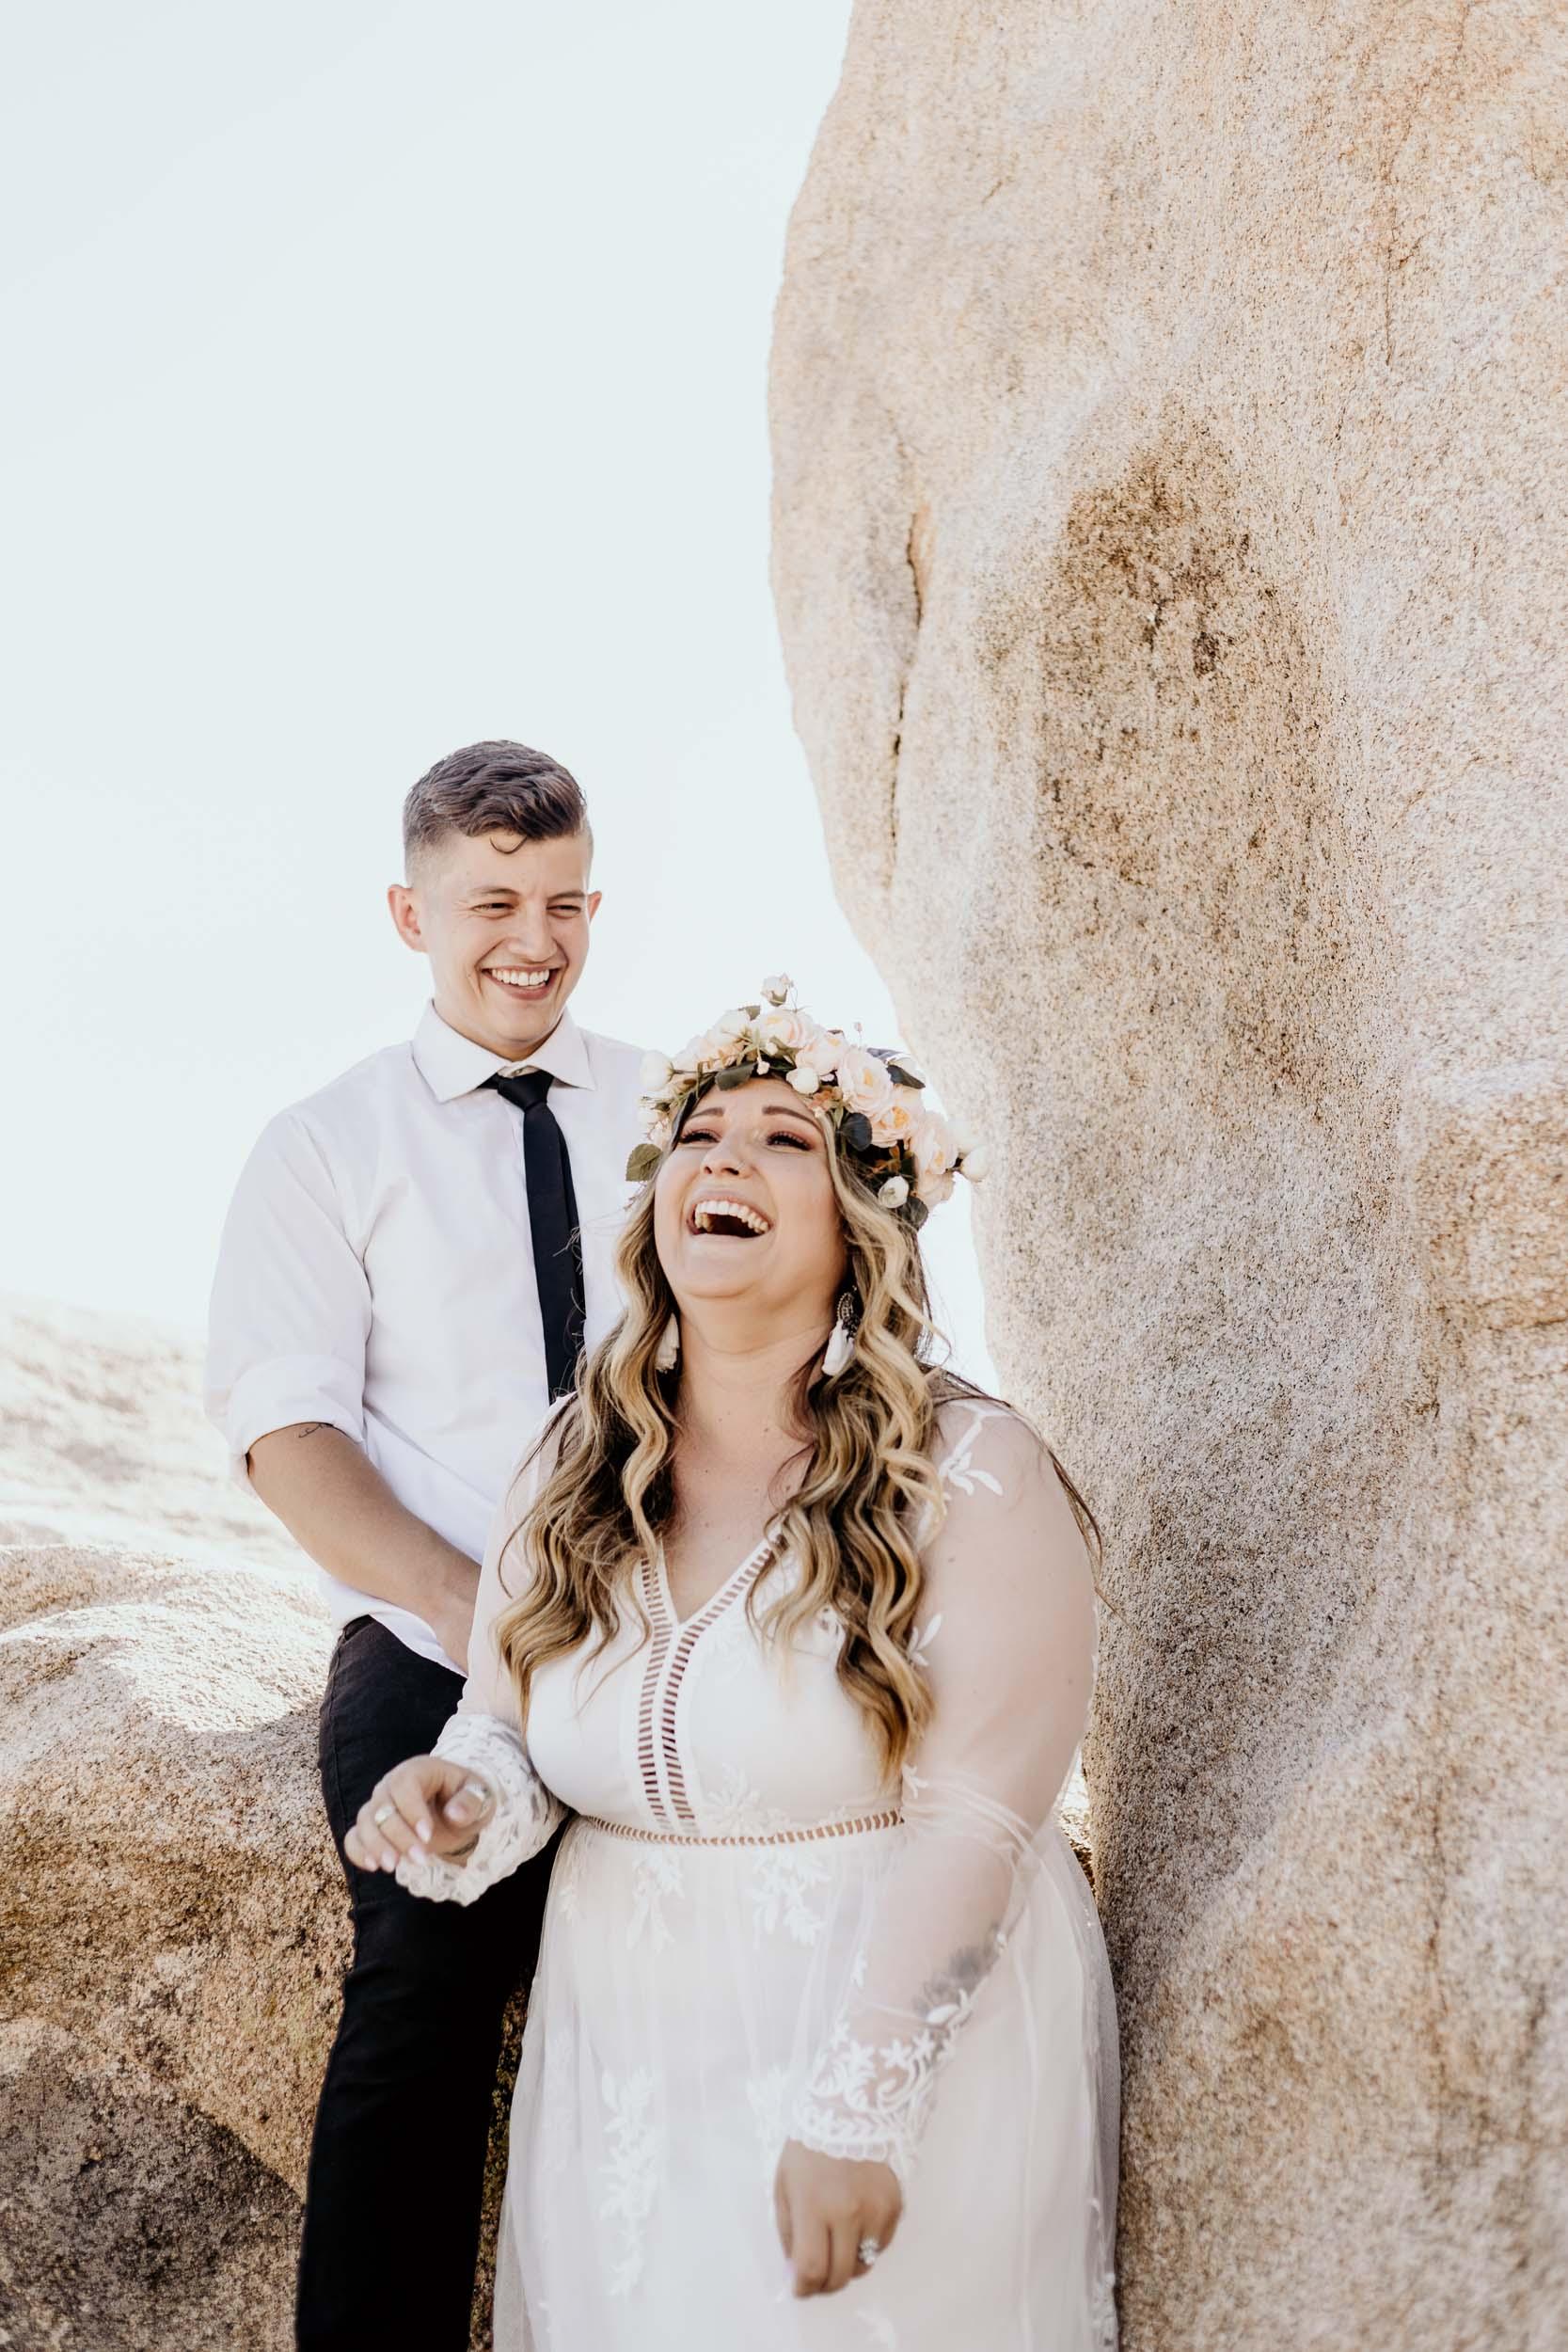 intimate-wedding-elopement-photographer-ottawa-joshua-tree-0714.jpg